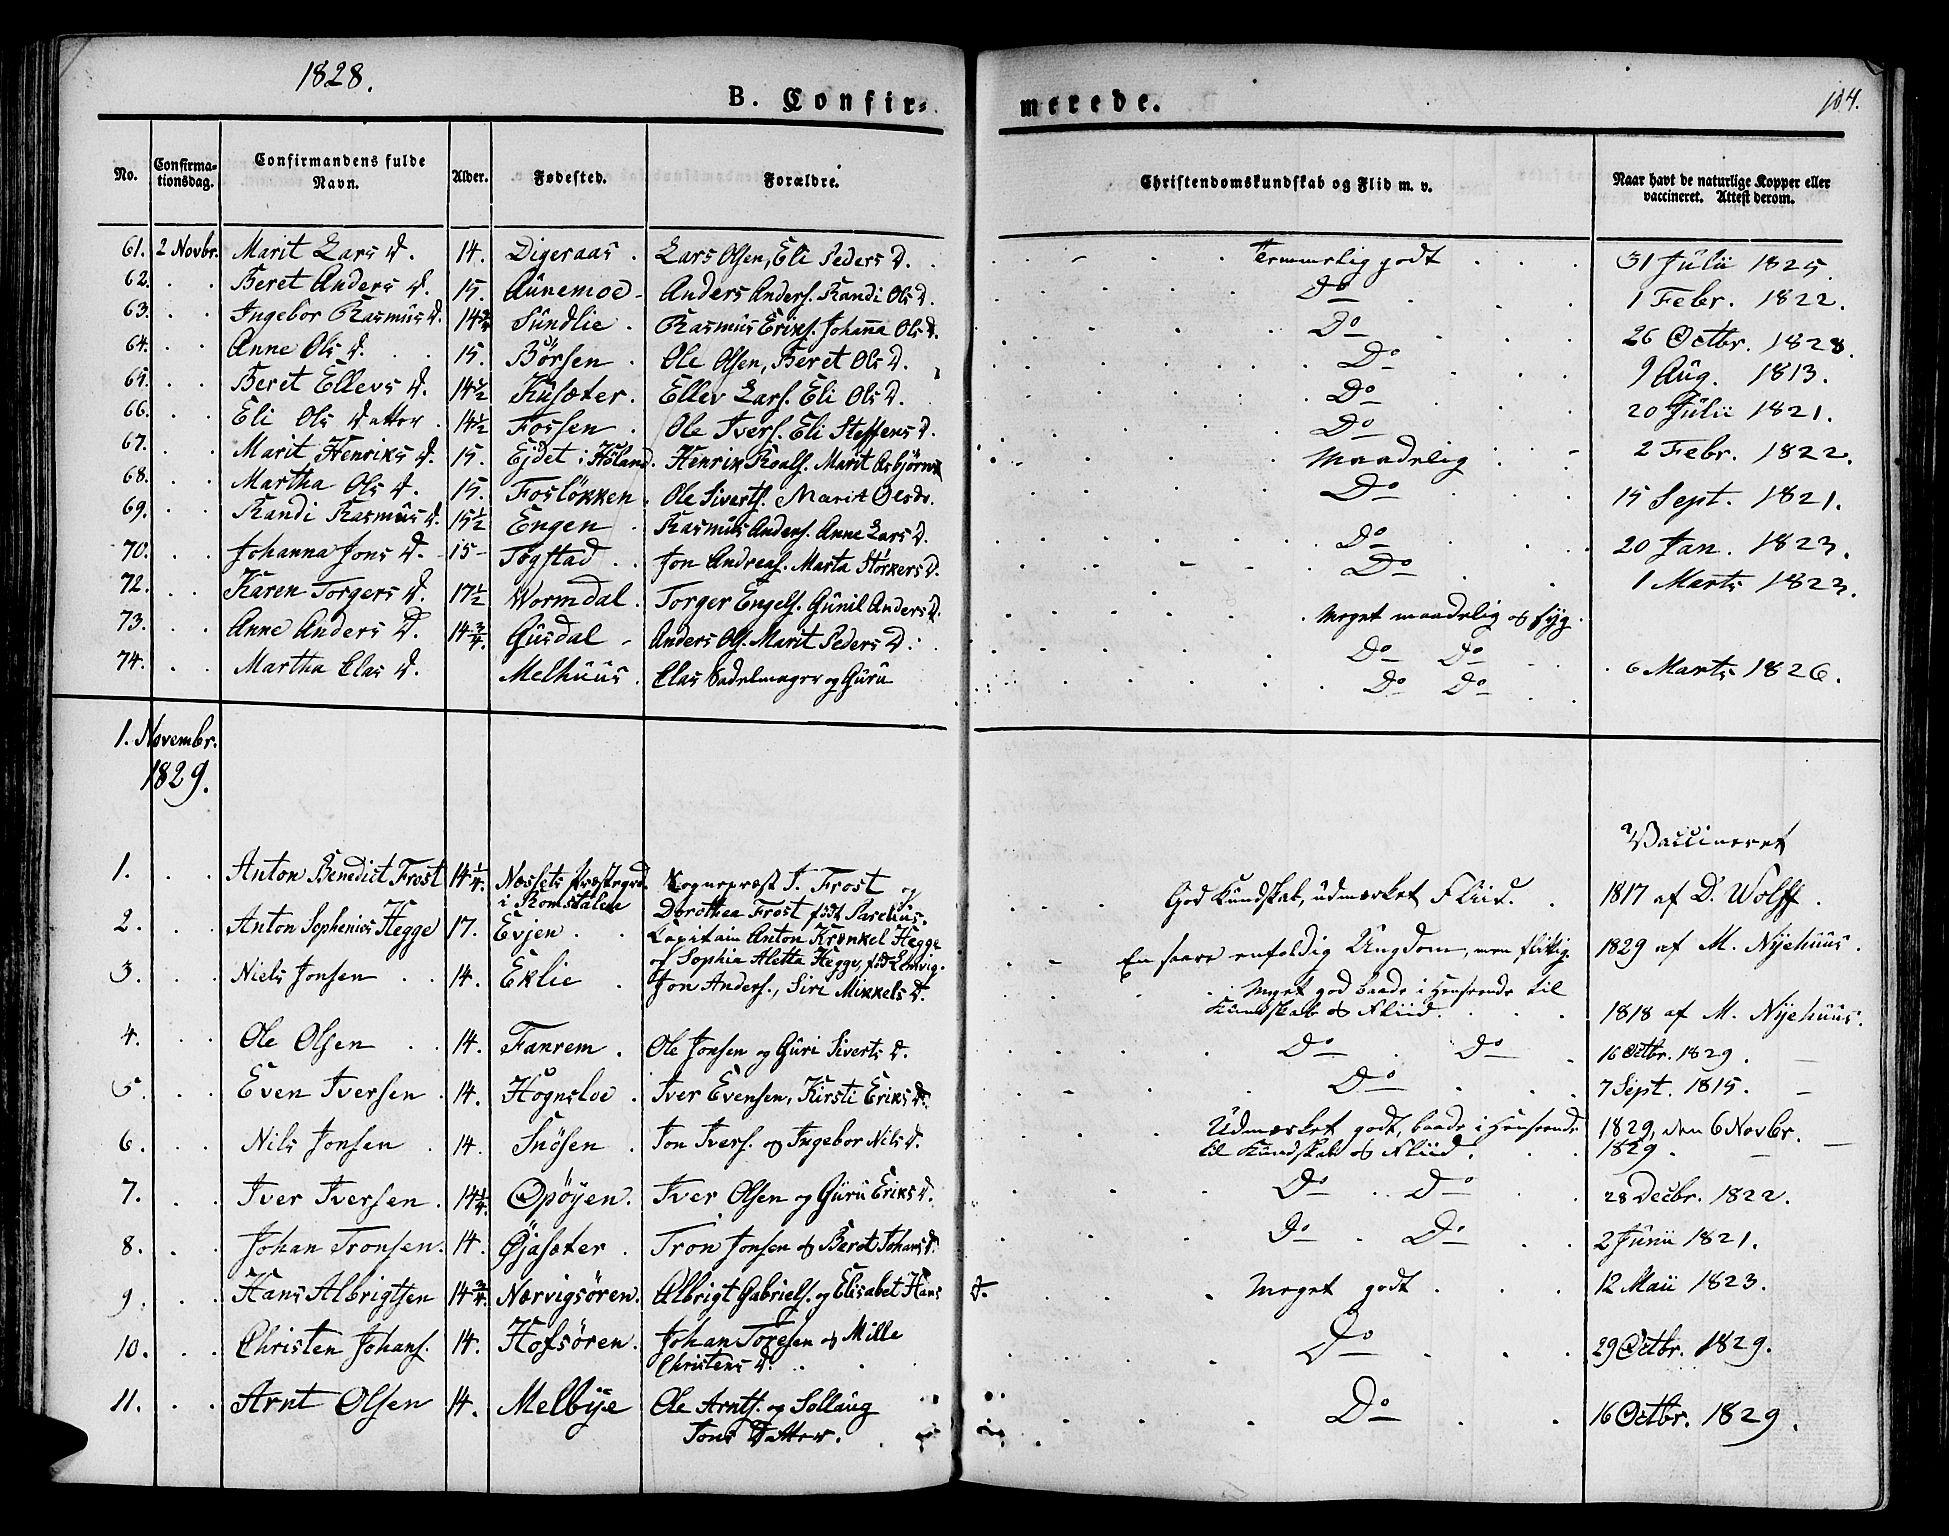 SAT, Ministerialprotokoller, klokkerbøker og fødselsregistre - Sør-Trøndelag, 668/L0804: Ministerialbok nr. 668A04, 1826-1839, s. 104